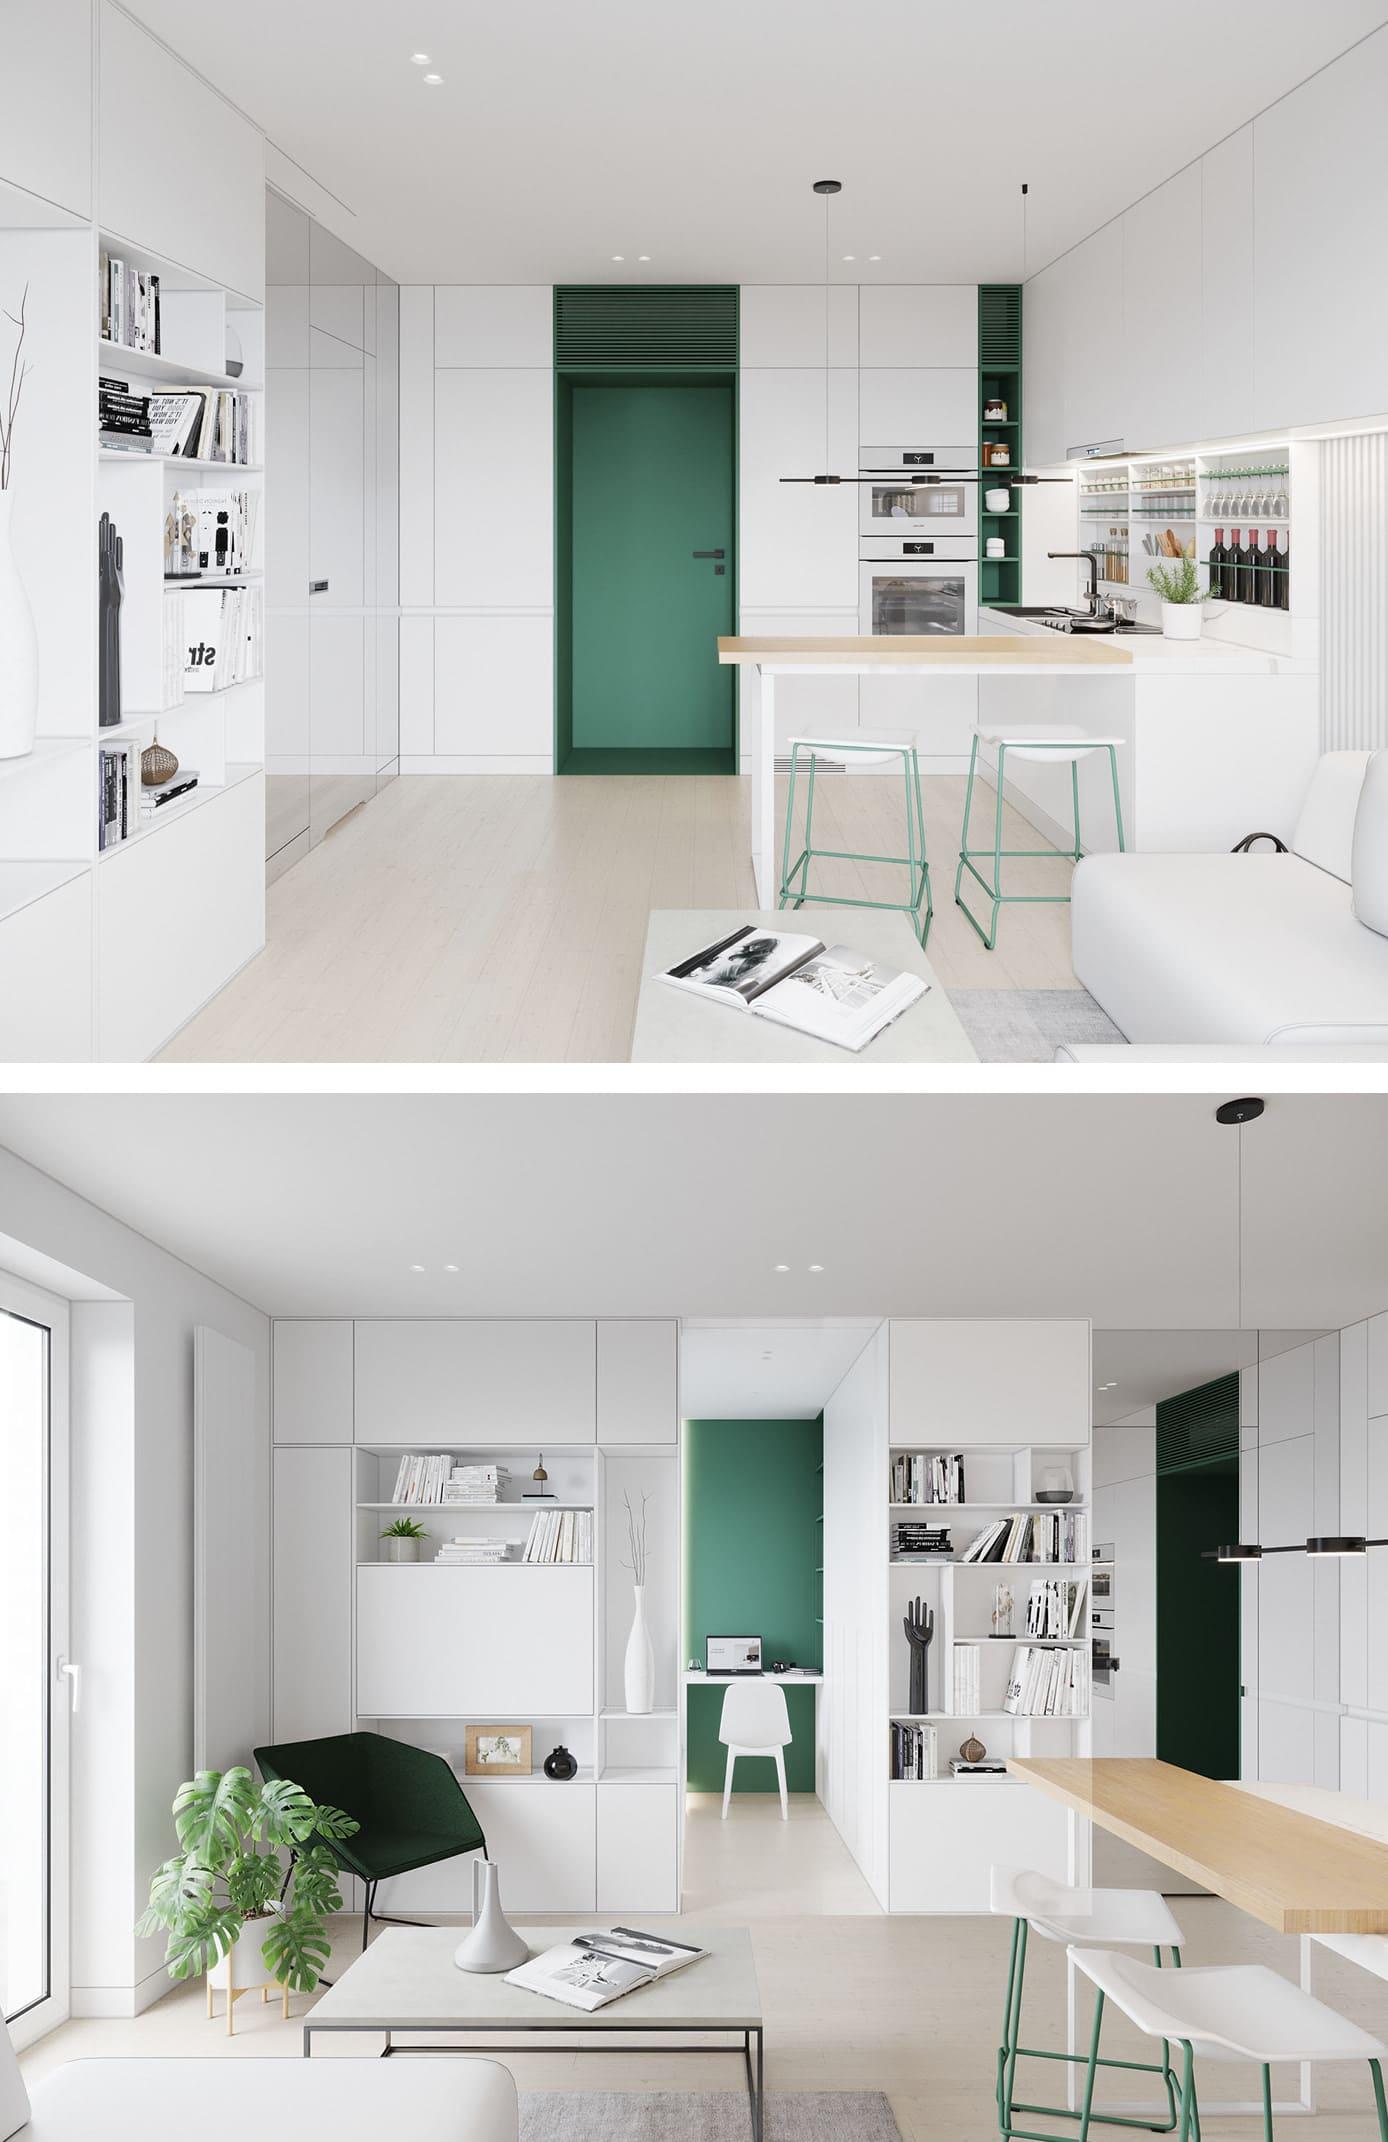 Conception d'un appartement d'une chambre à coucher photo 74